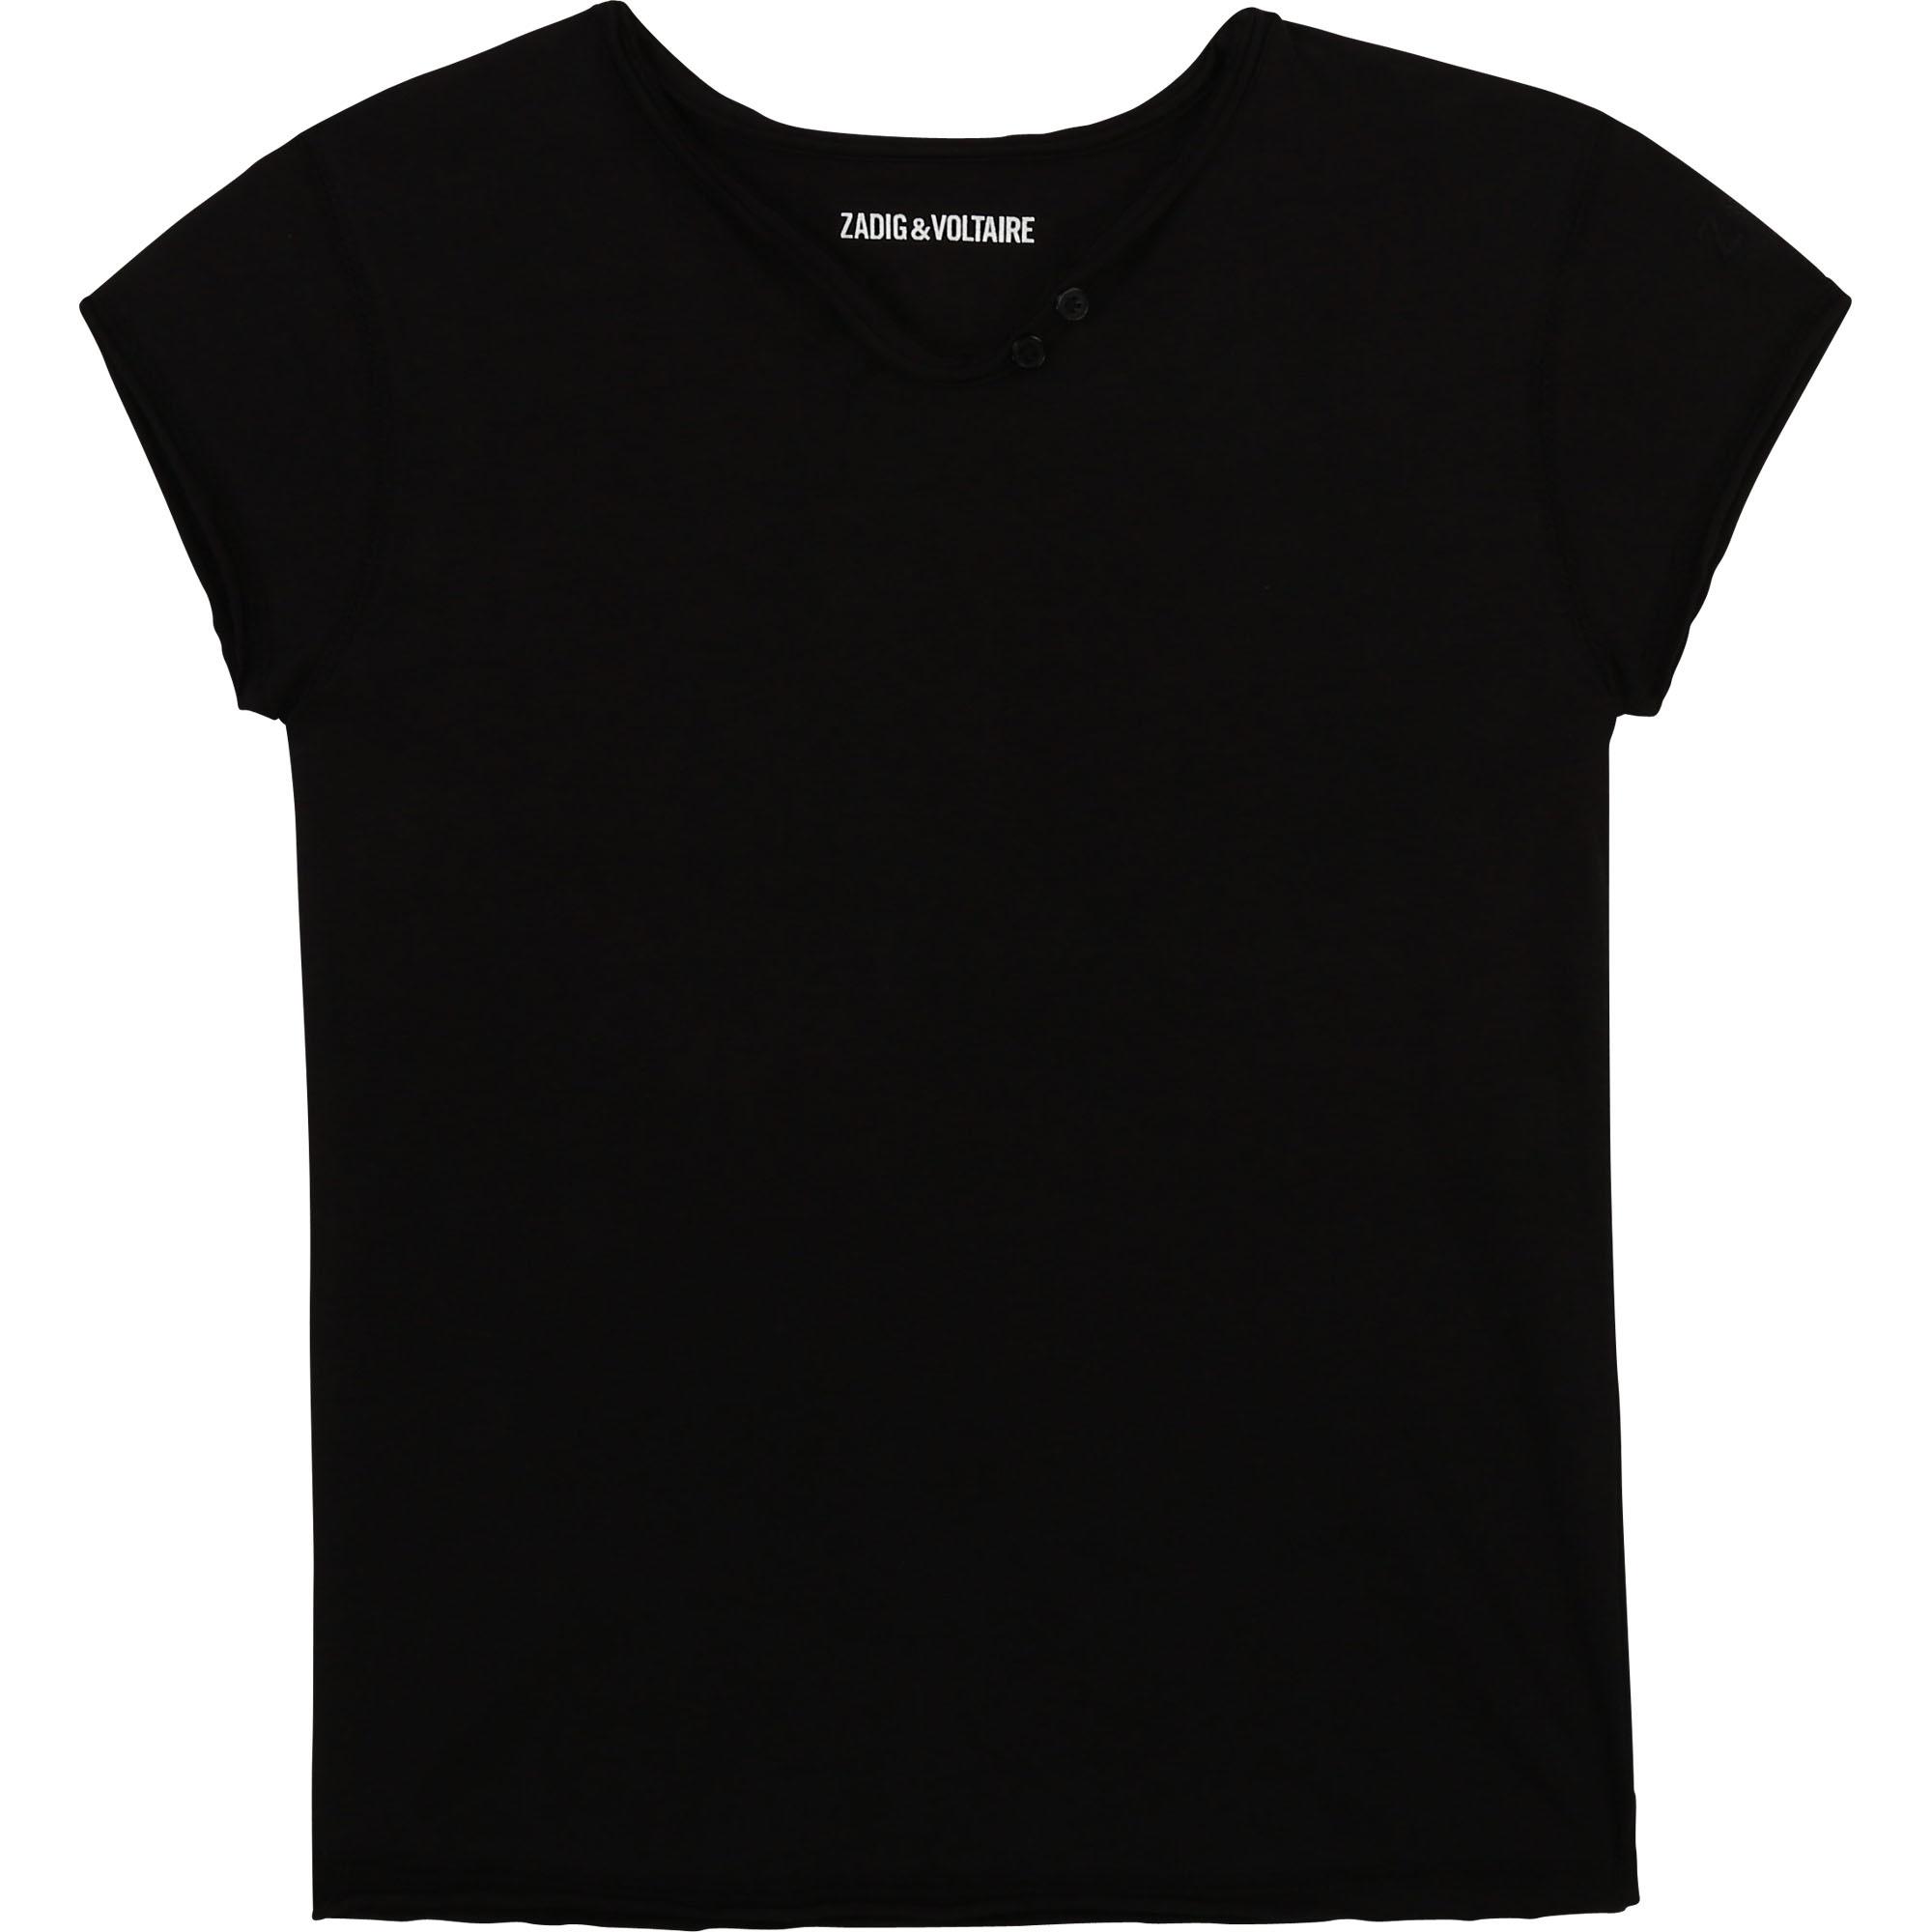 ZADIG&VOLTAIRE t-shirt manches courtes à logo-1